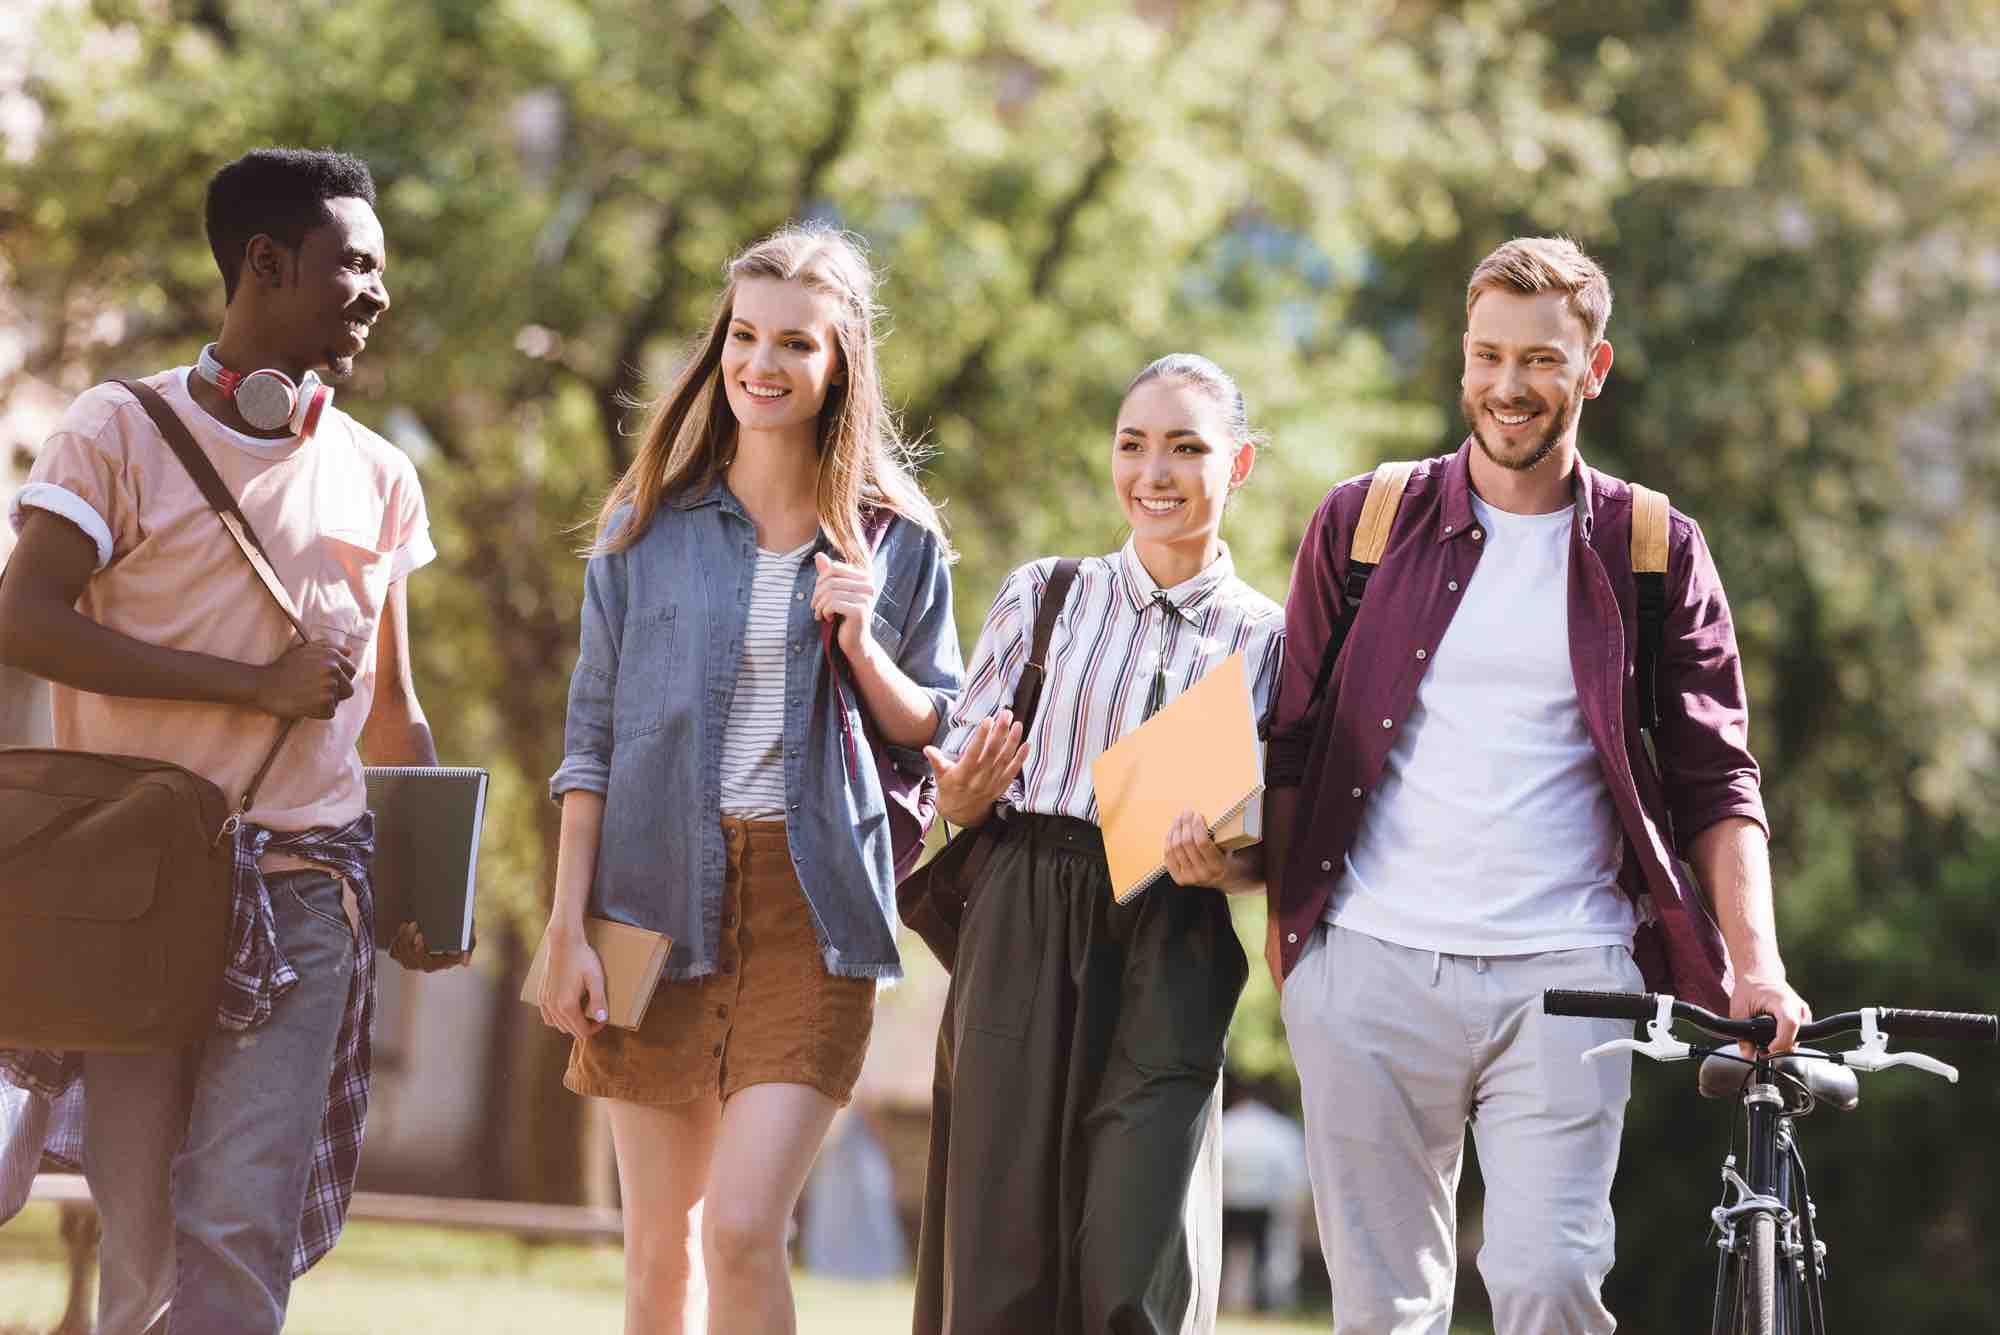 Bewerbung für Studierende und Absolventen